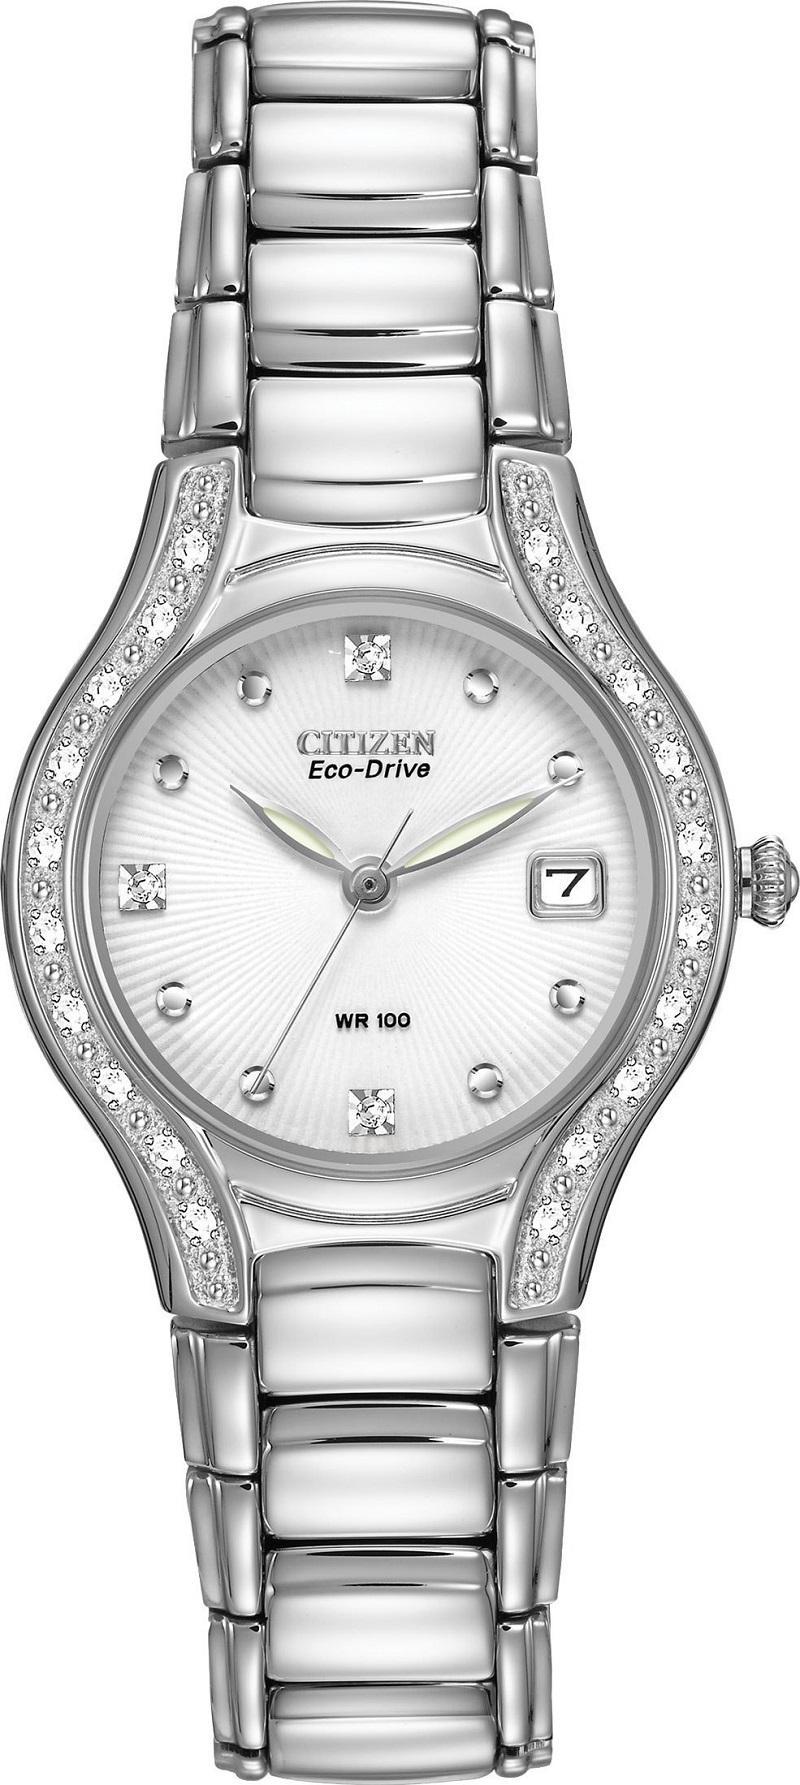 7 mẫu đồng hồ Citizen Eco Drive dành cho nữ chính hãng giá tốt nhất 2019